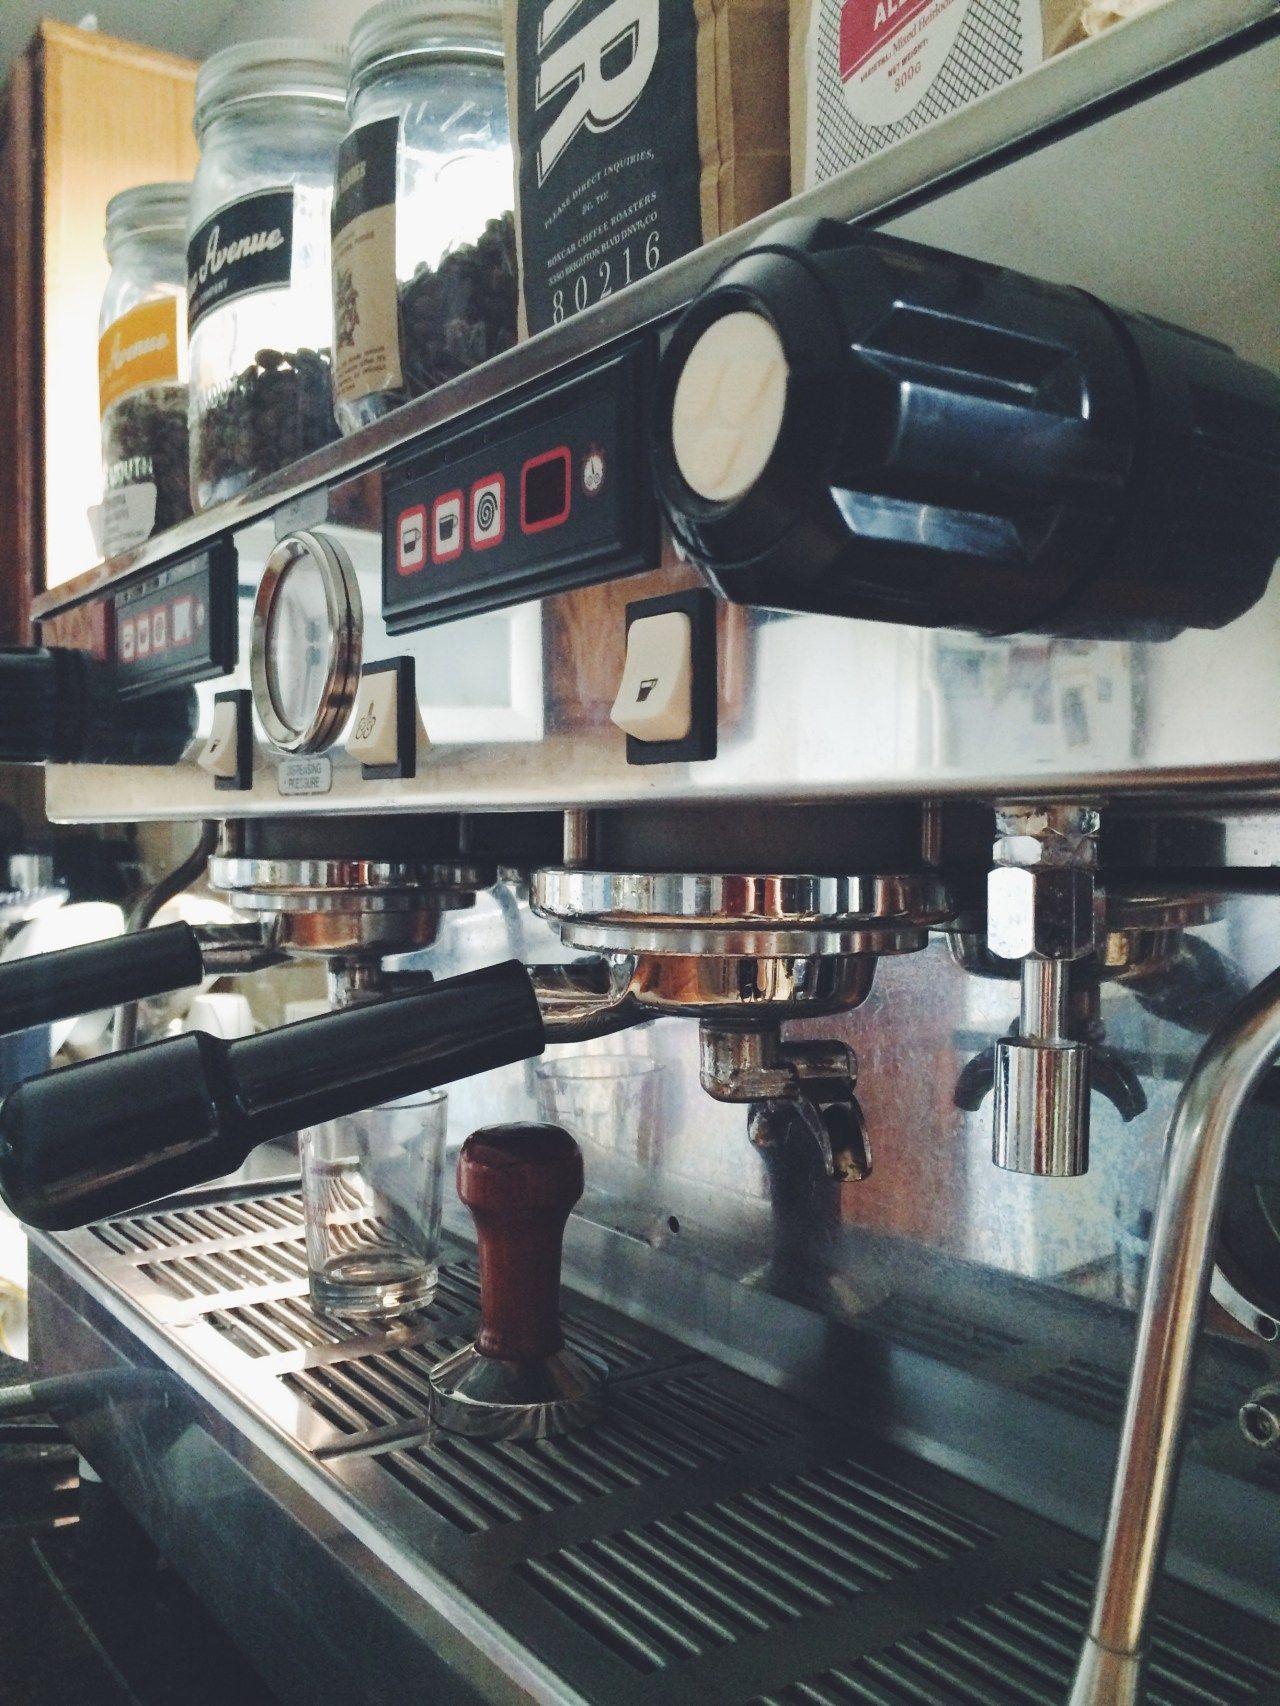 La Marzocco Linea Espresso Machine (With images